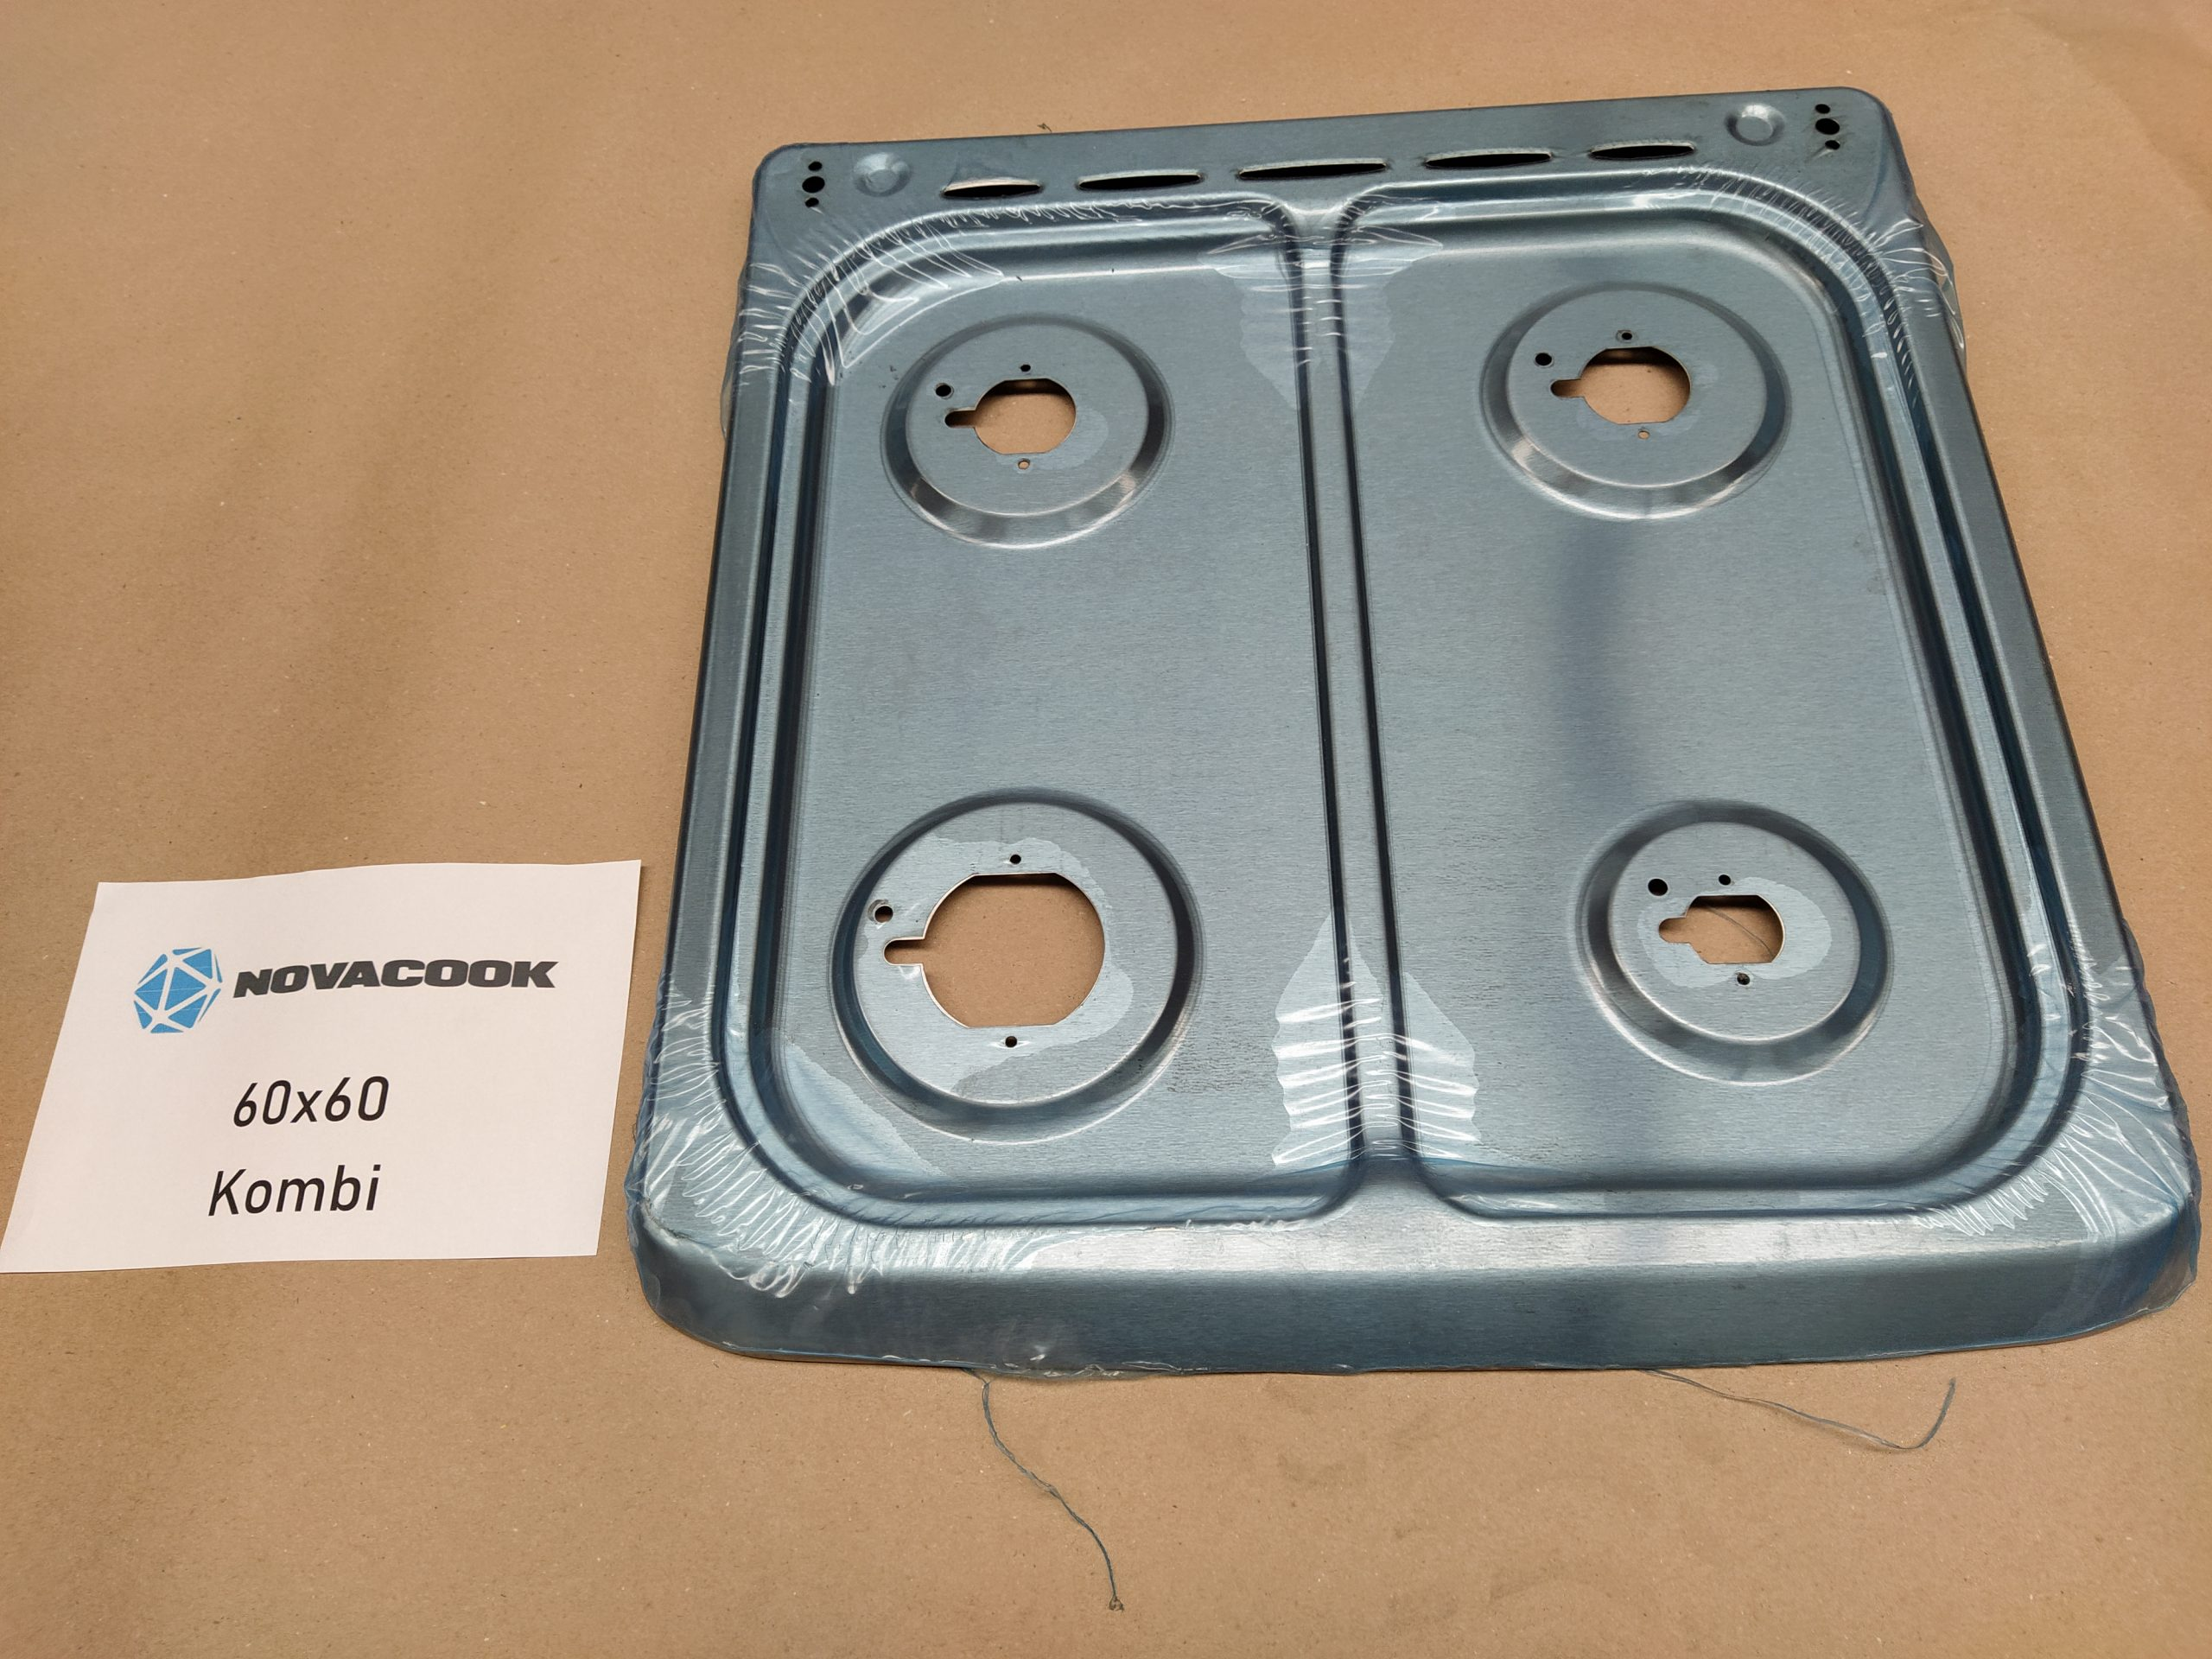 Tűzhely felsőrész (60X60-as kombinált sütőhöz)